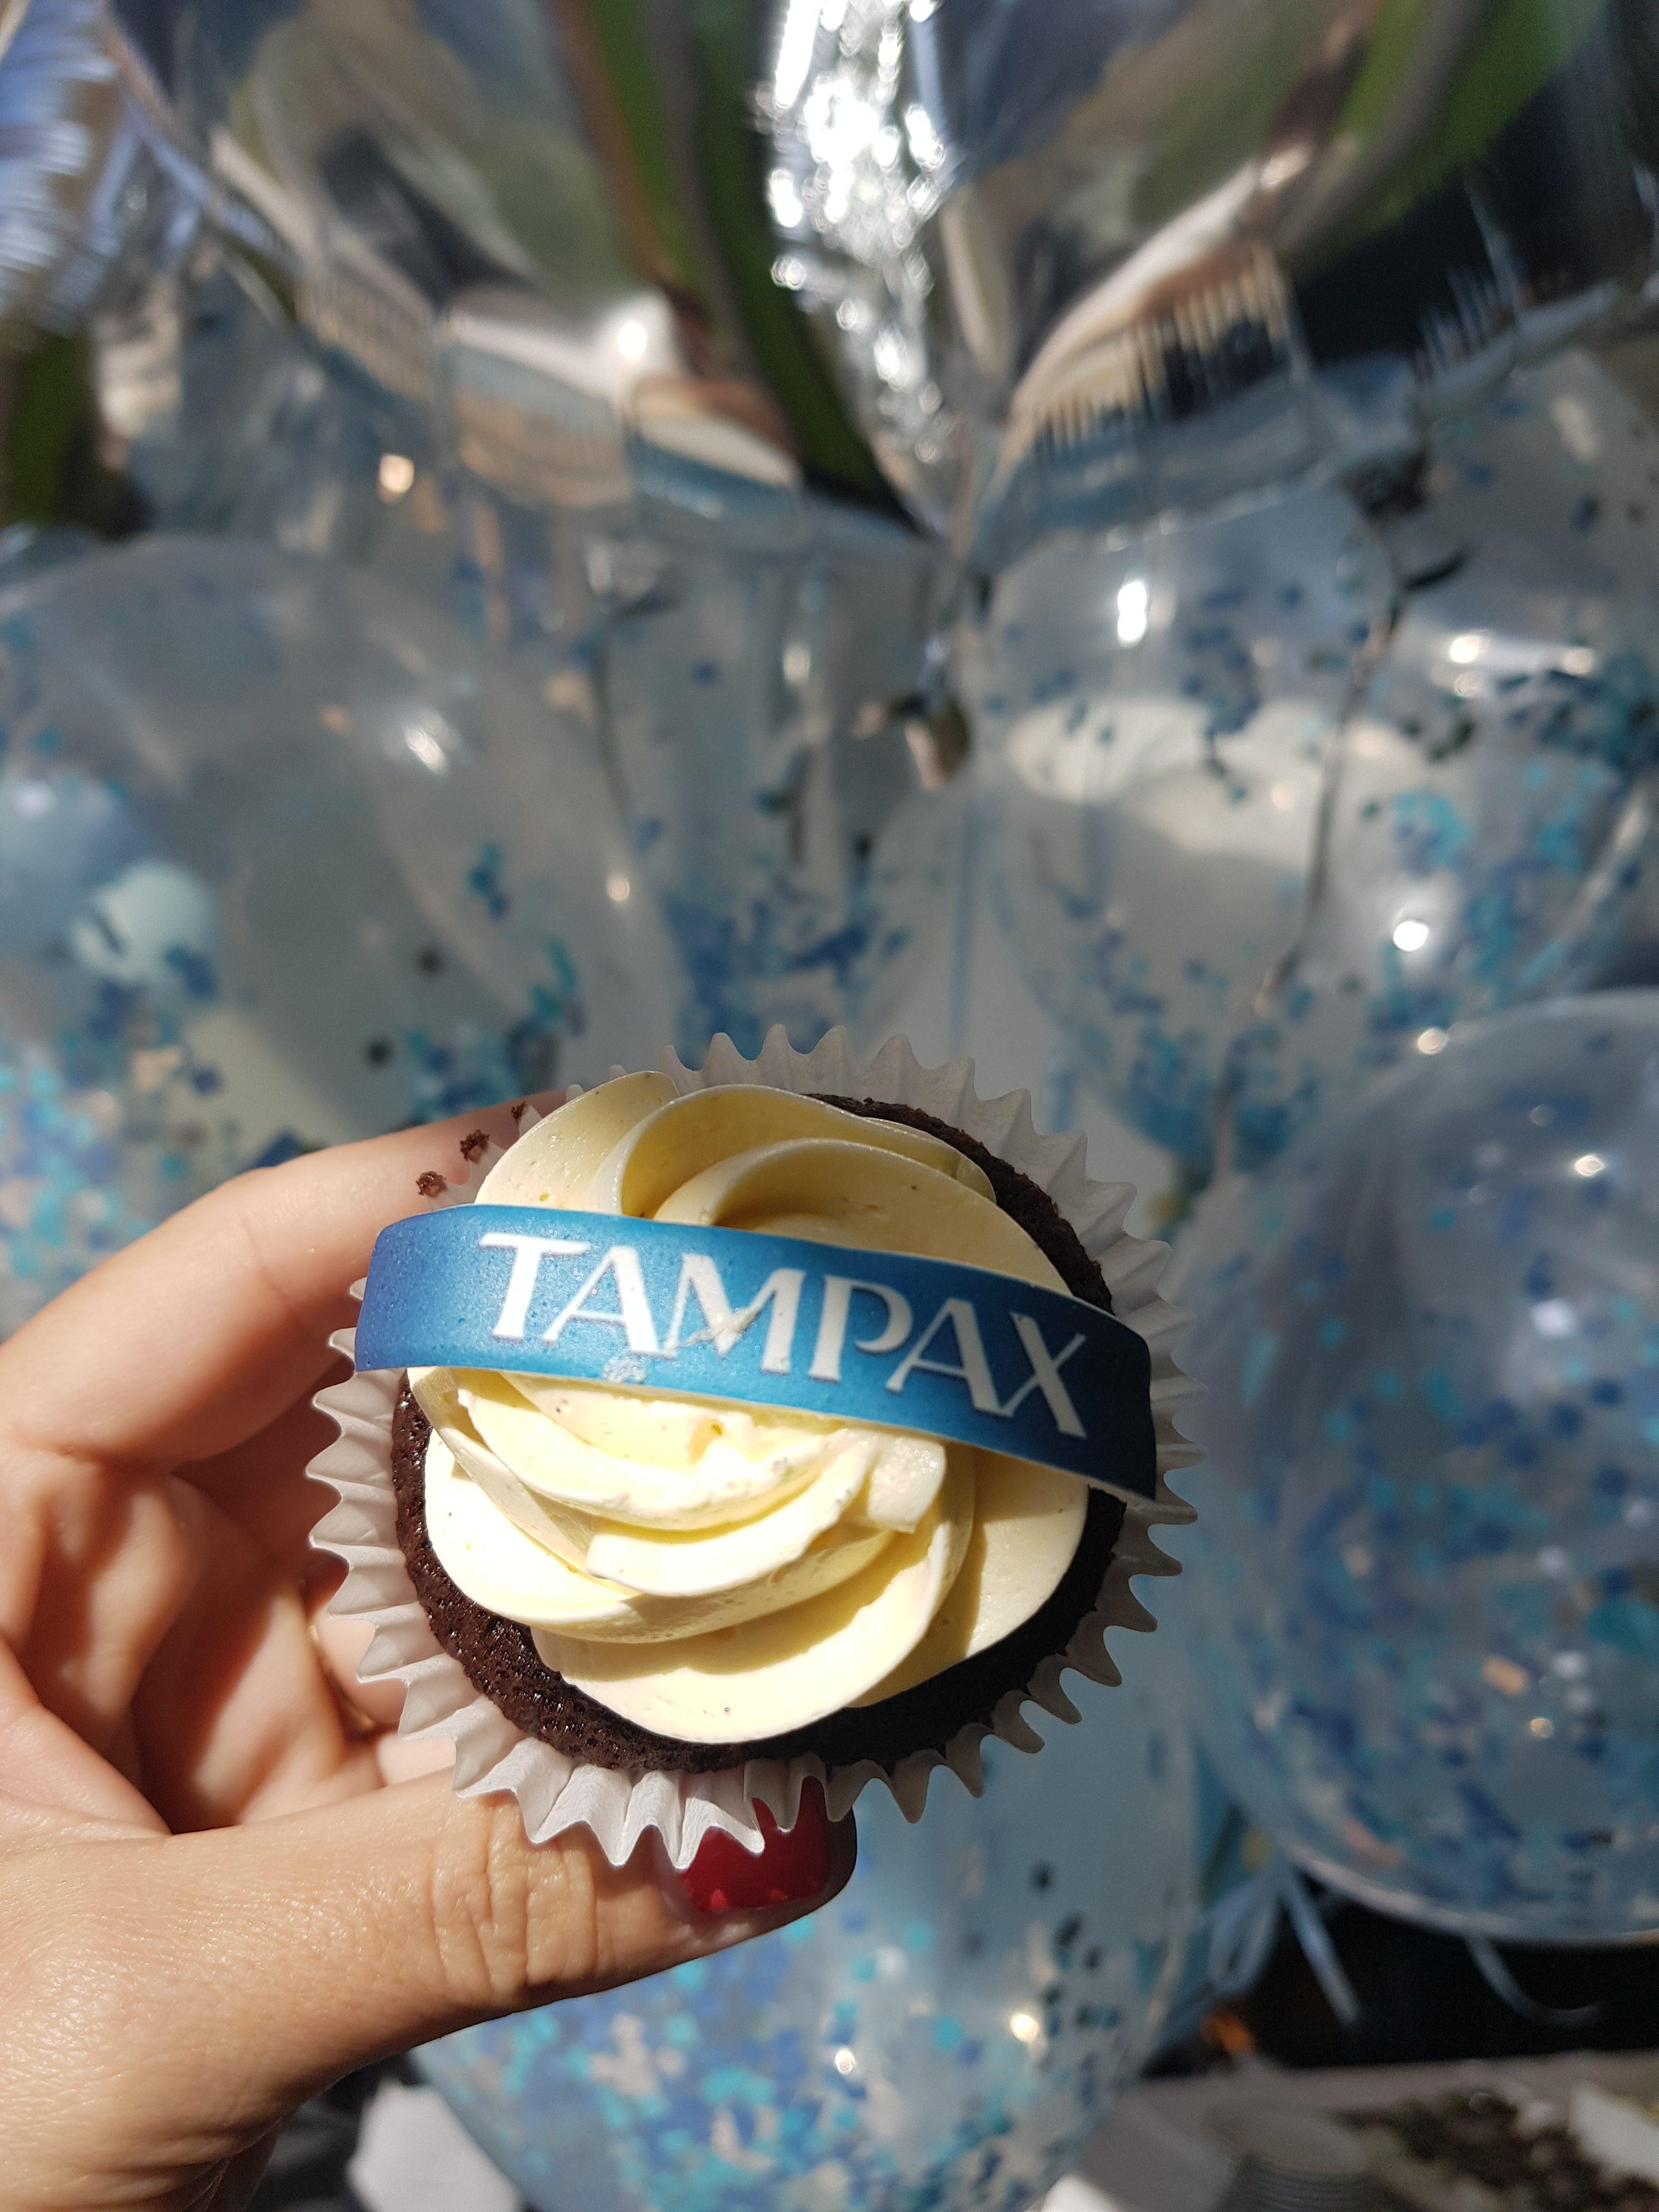 Tampax et Always, ce que j'ai appris